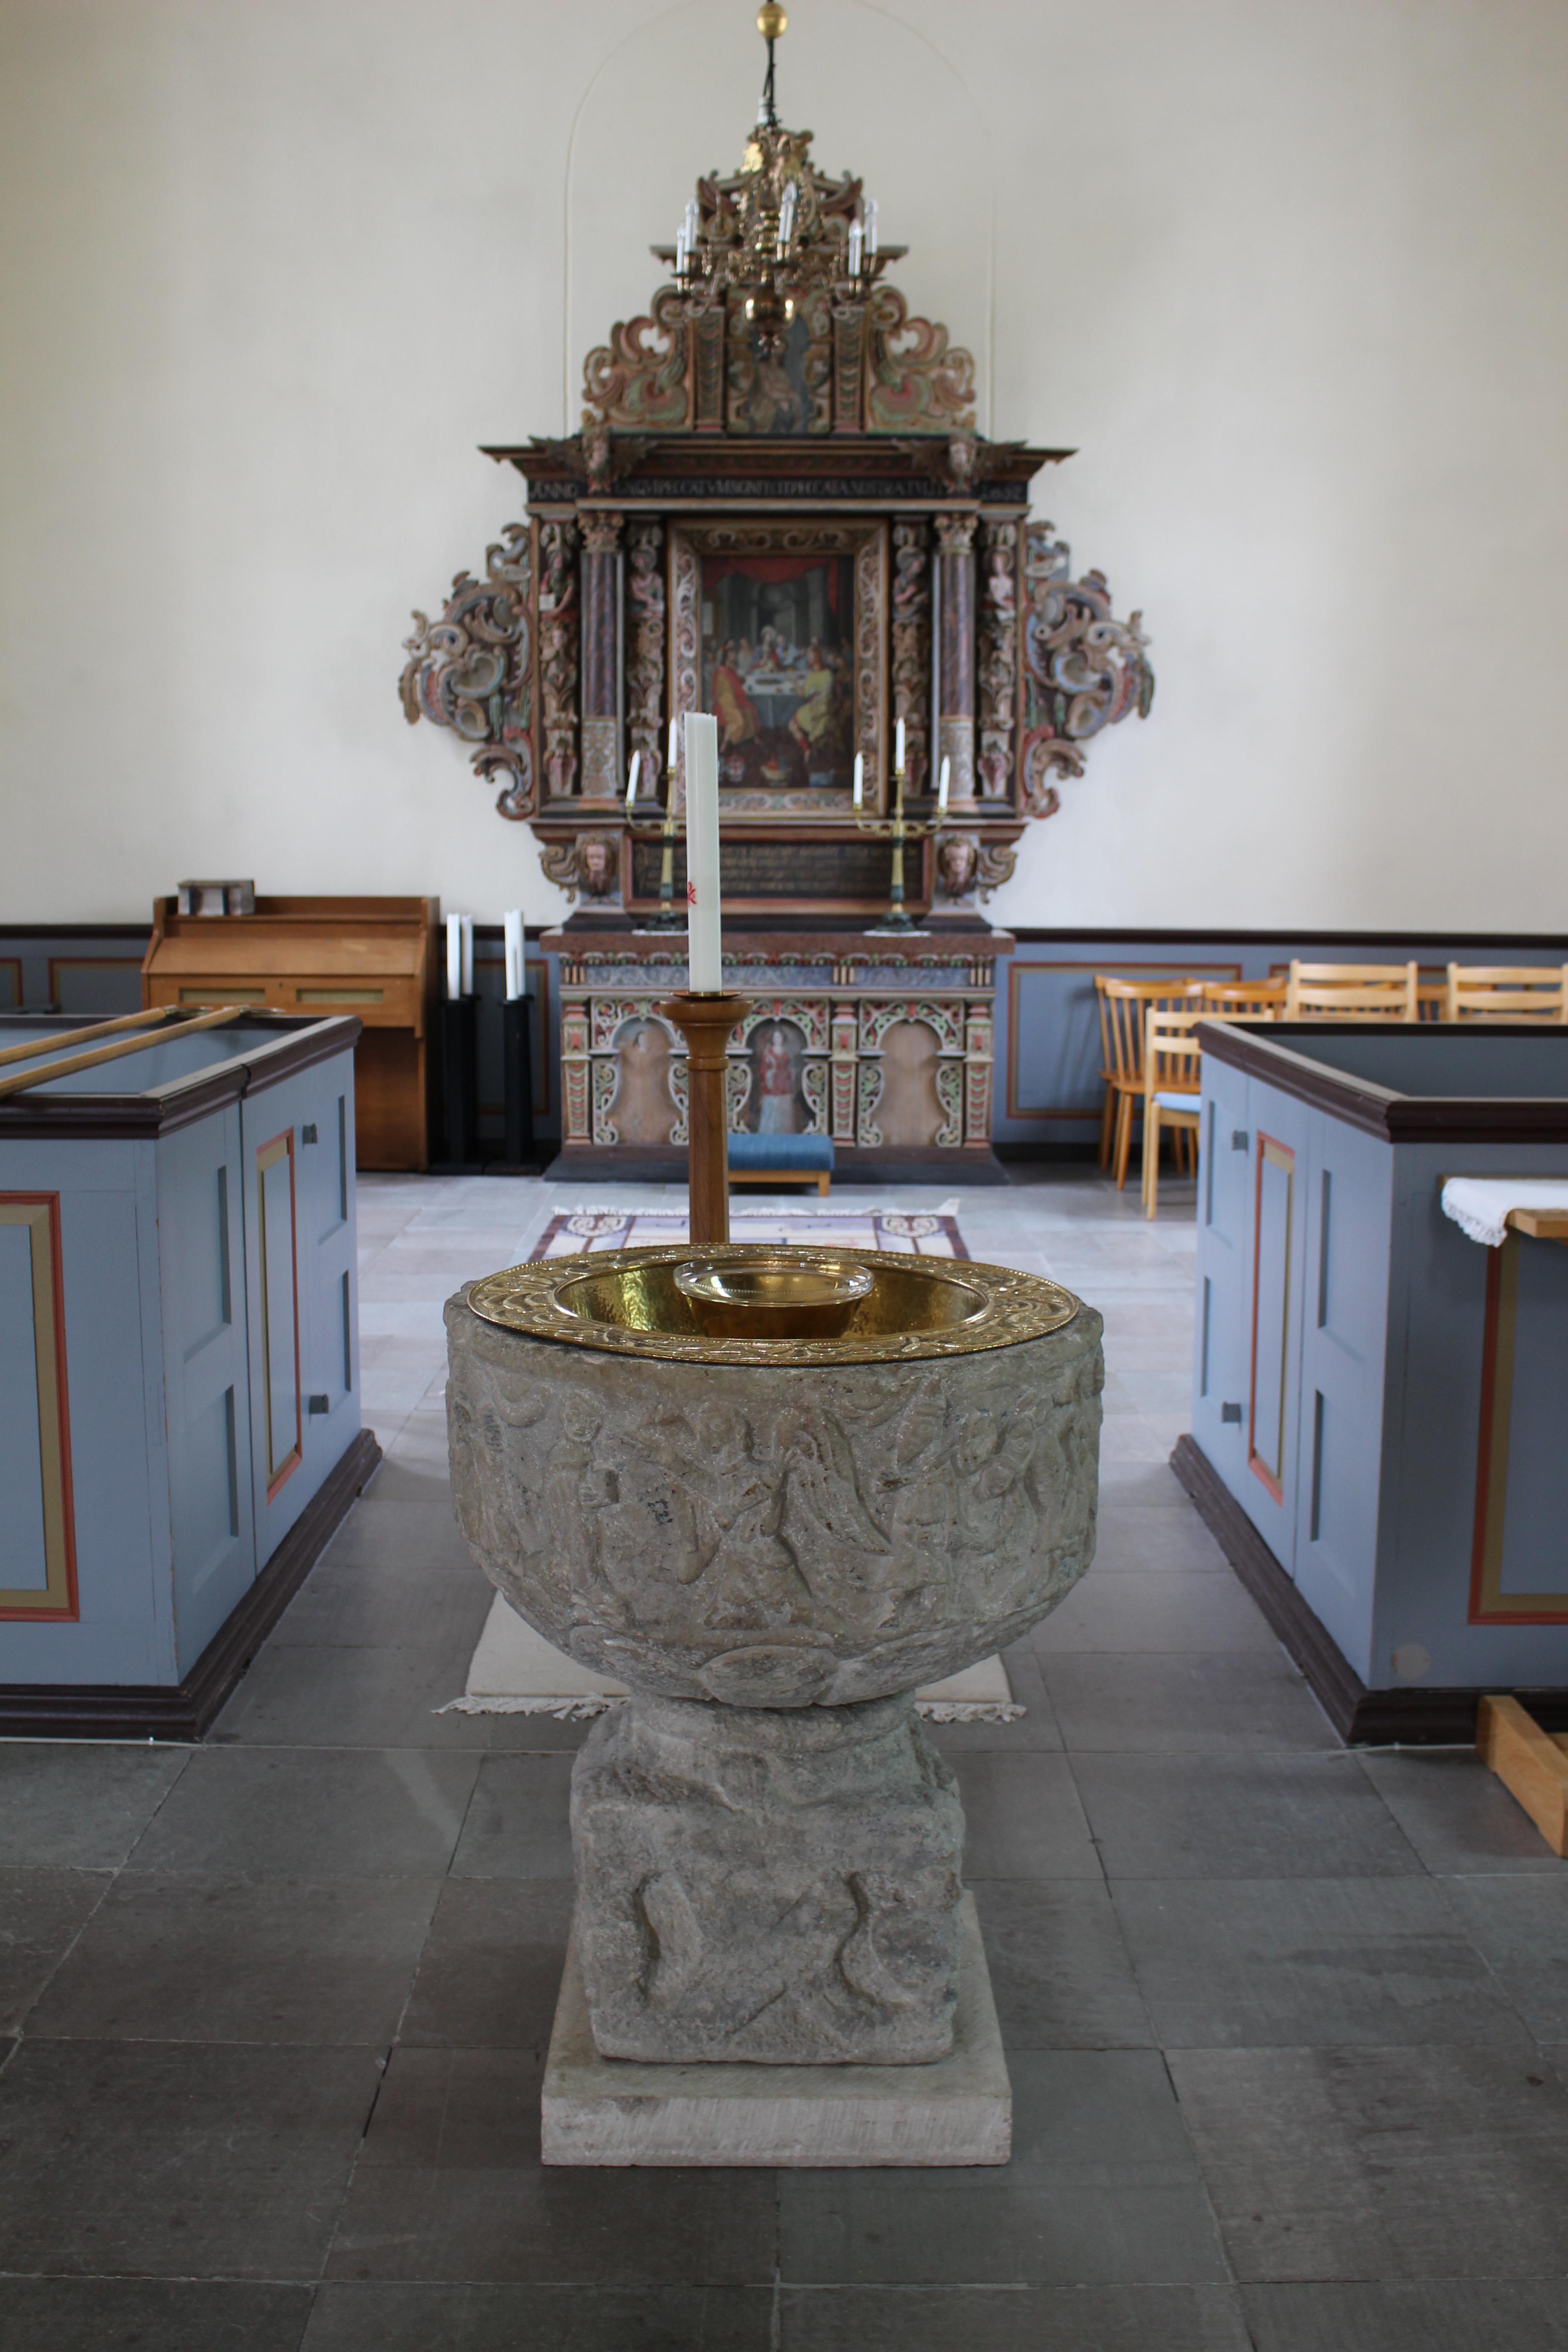 File:Oppmanna kyrka - KMB - unam.net